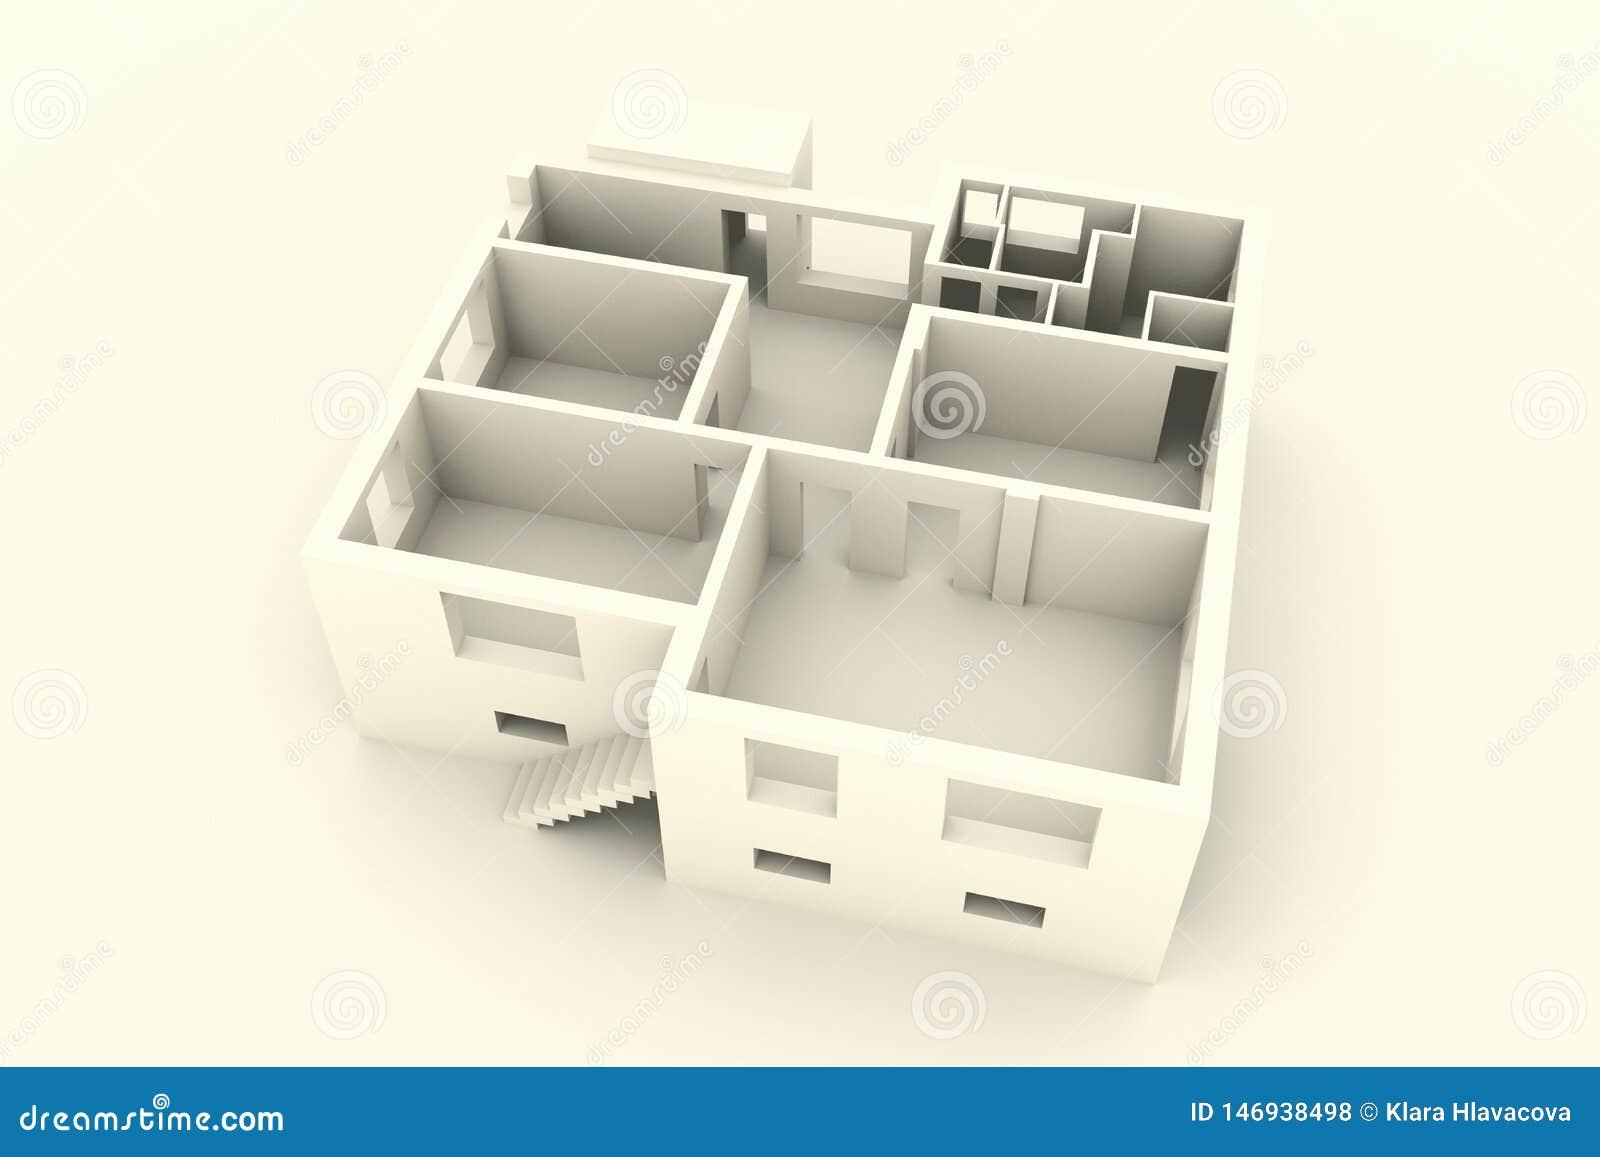 Nieuw huis op witte achtergrond - hoogste mening - binnenland